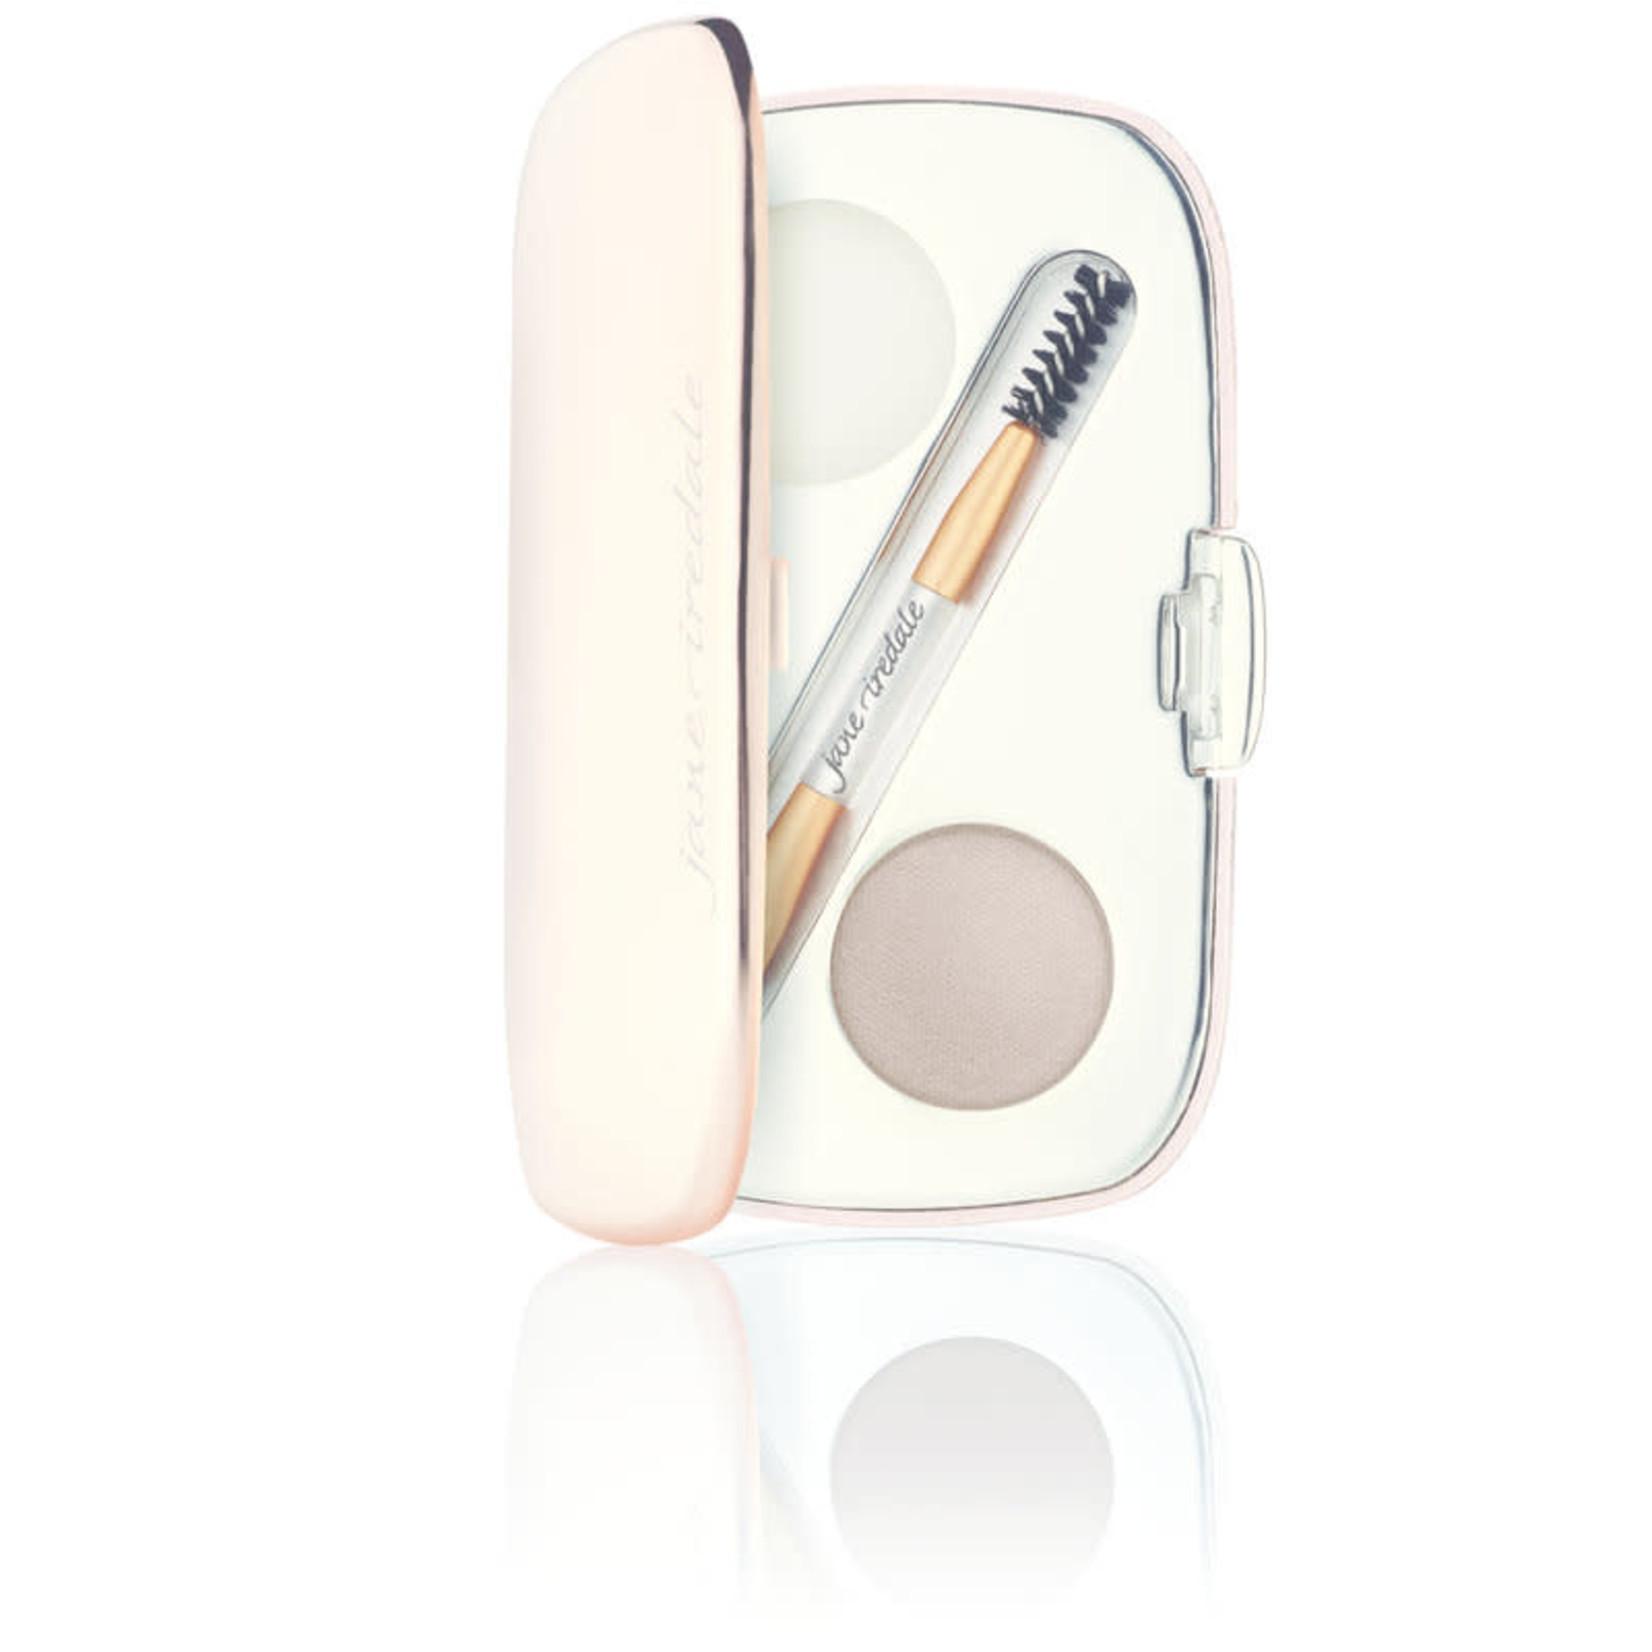 Jane Iredale GreatShape® Eyebrow Kit